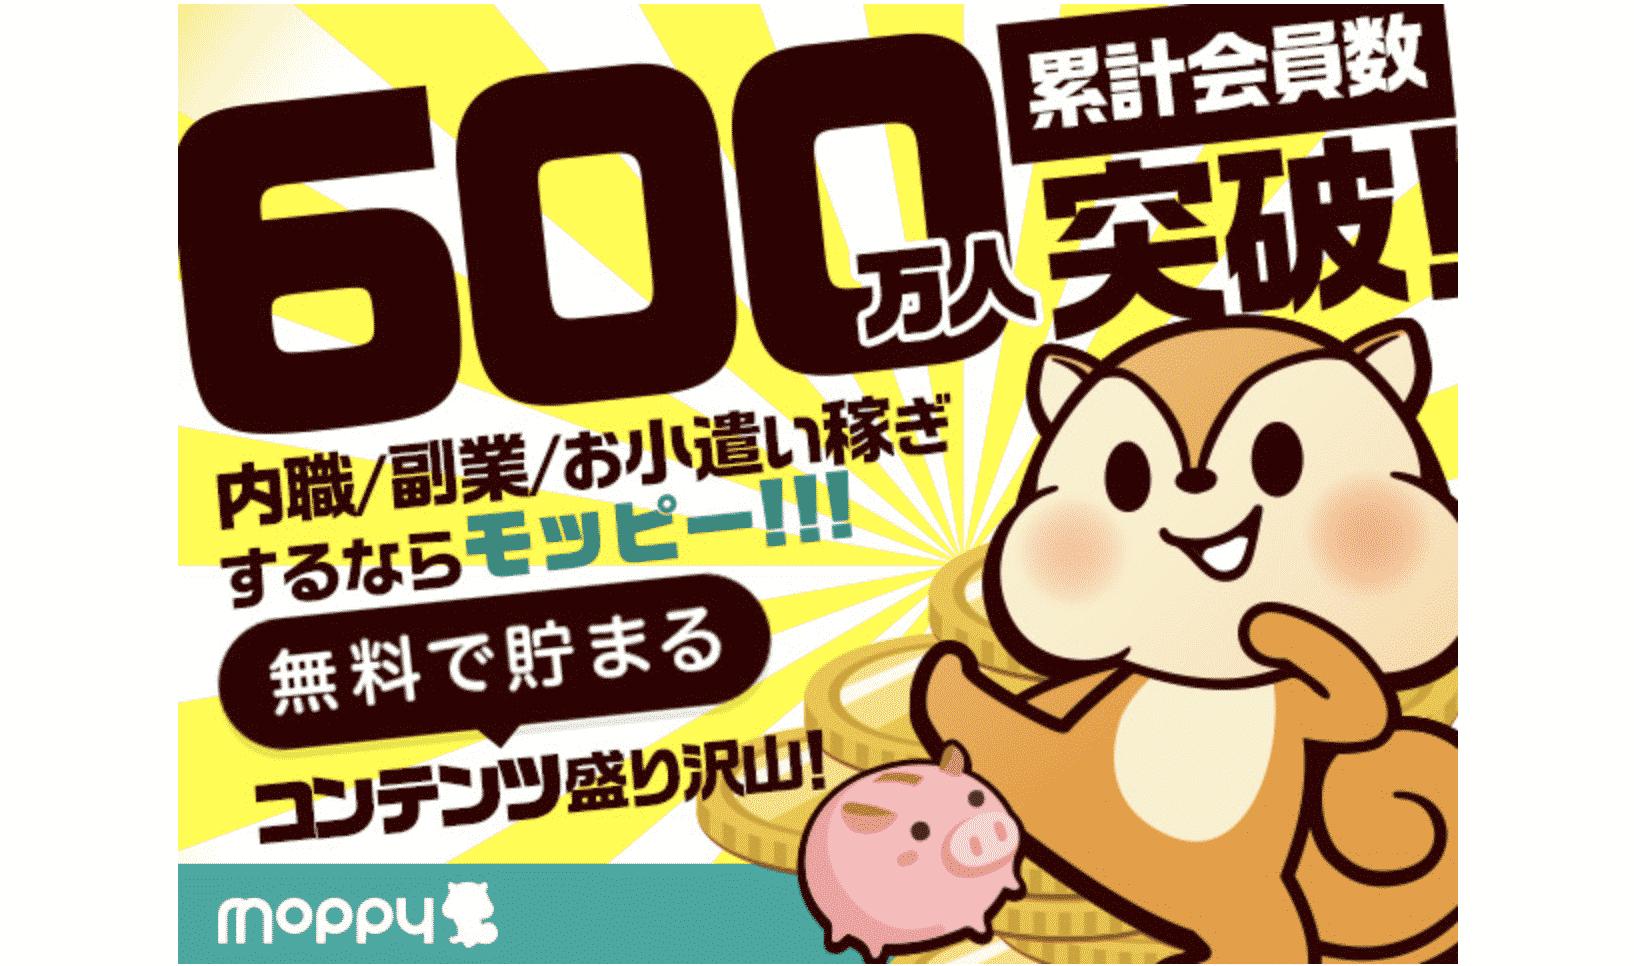 モッピー(moppy)で初心者が月5,000円〜1万円稼ぐ方法【効率のいい案件を厳選】